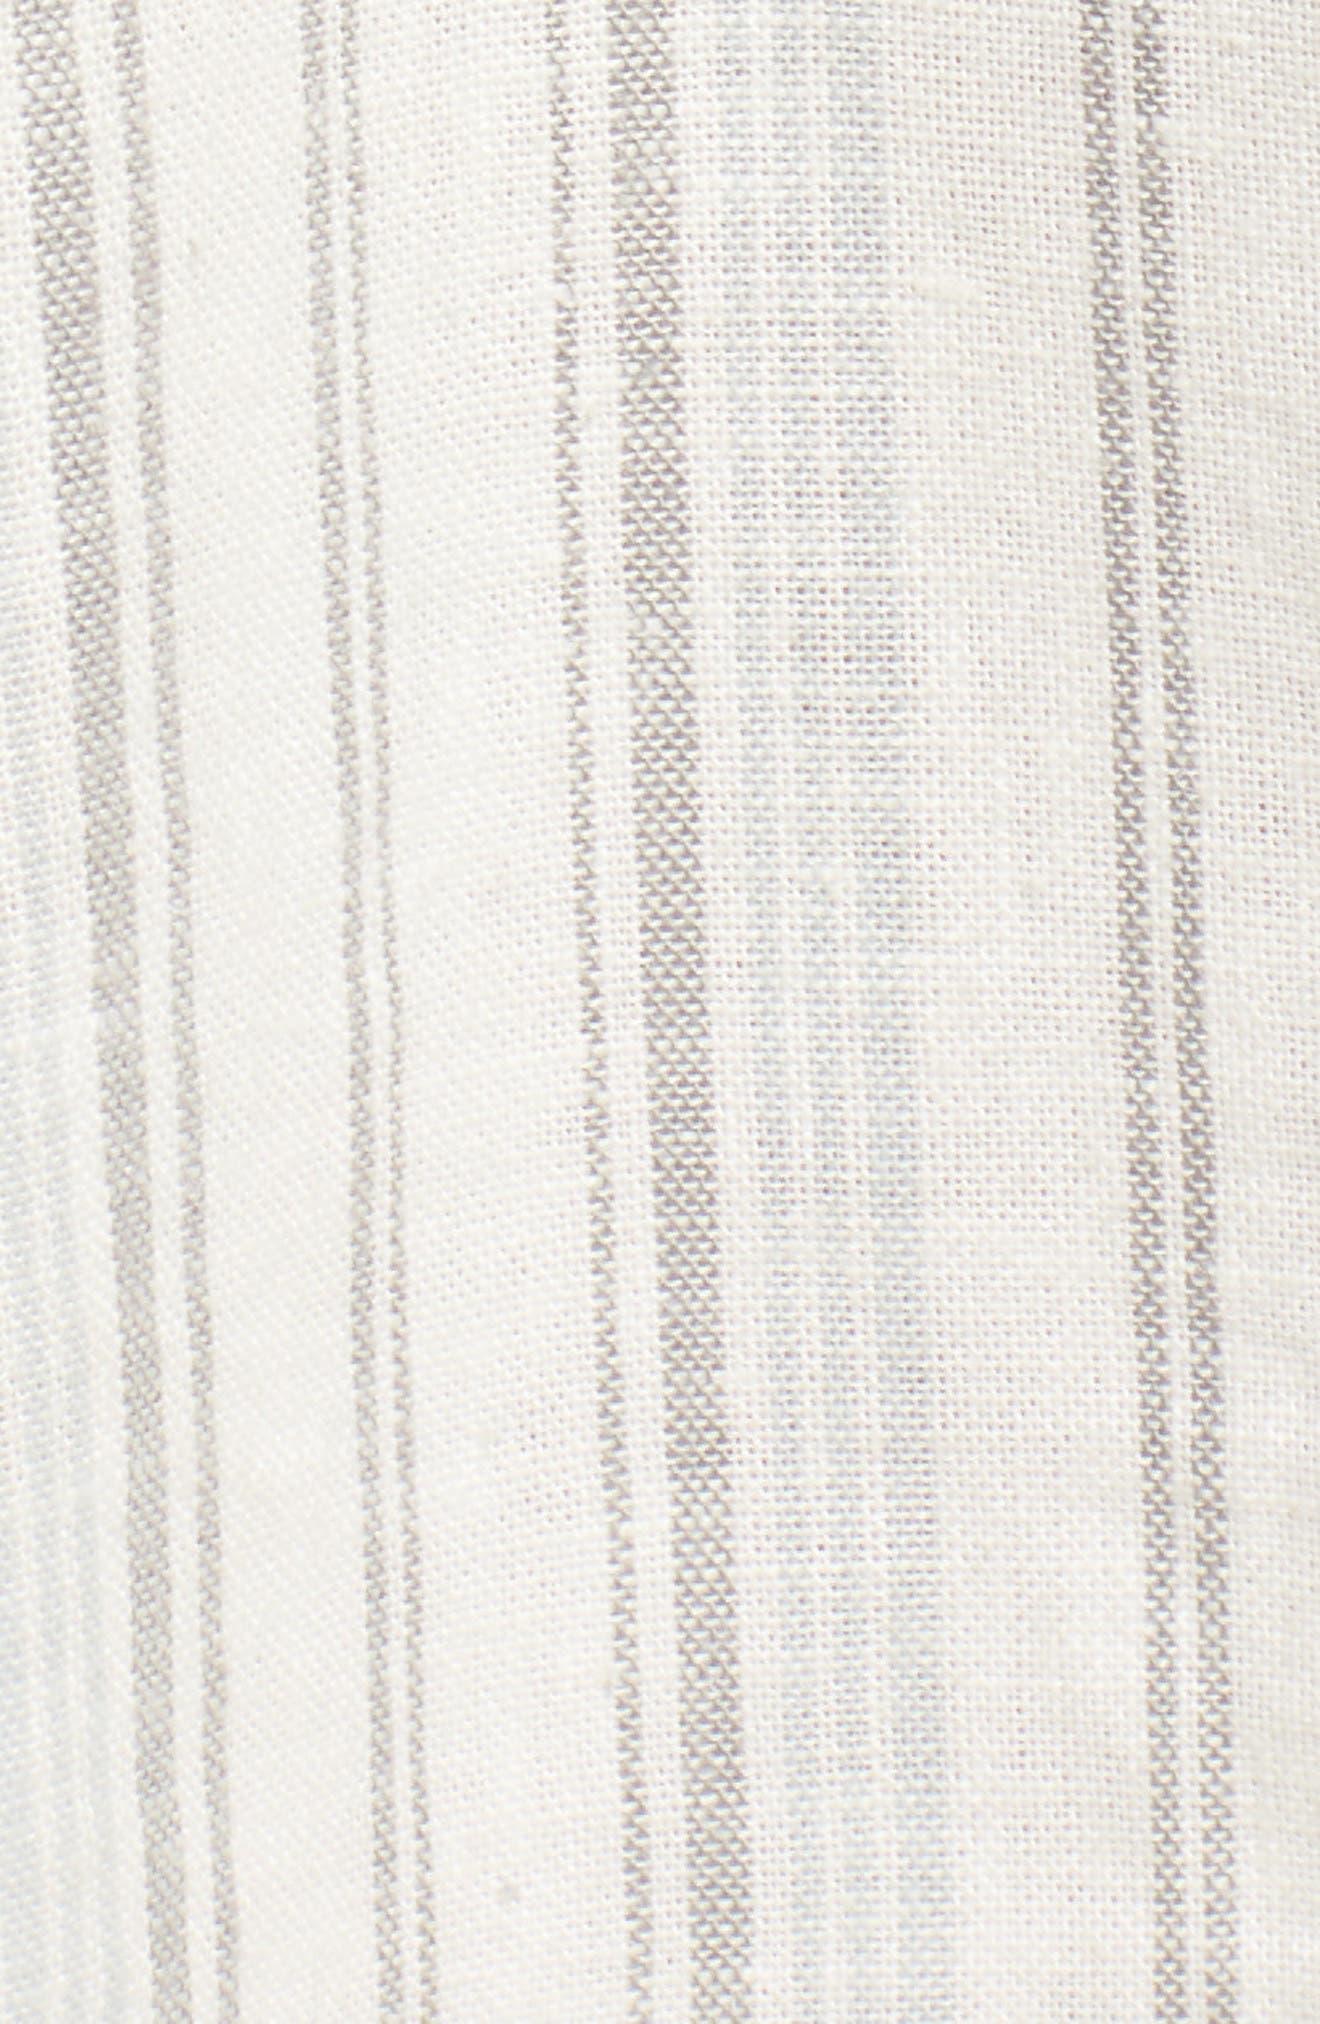 Stripe Linen Blend Midi Skirt,                             Alternate thumbnail 5, color,                             IVORY VERIGATED STRIPE